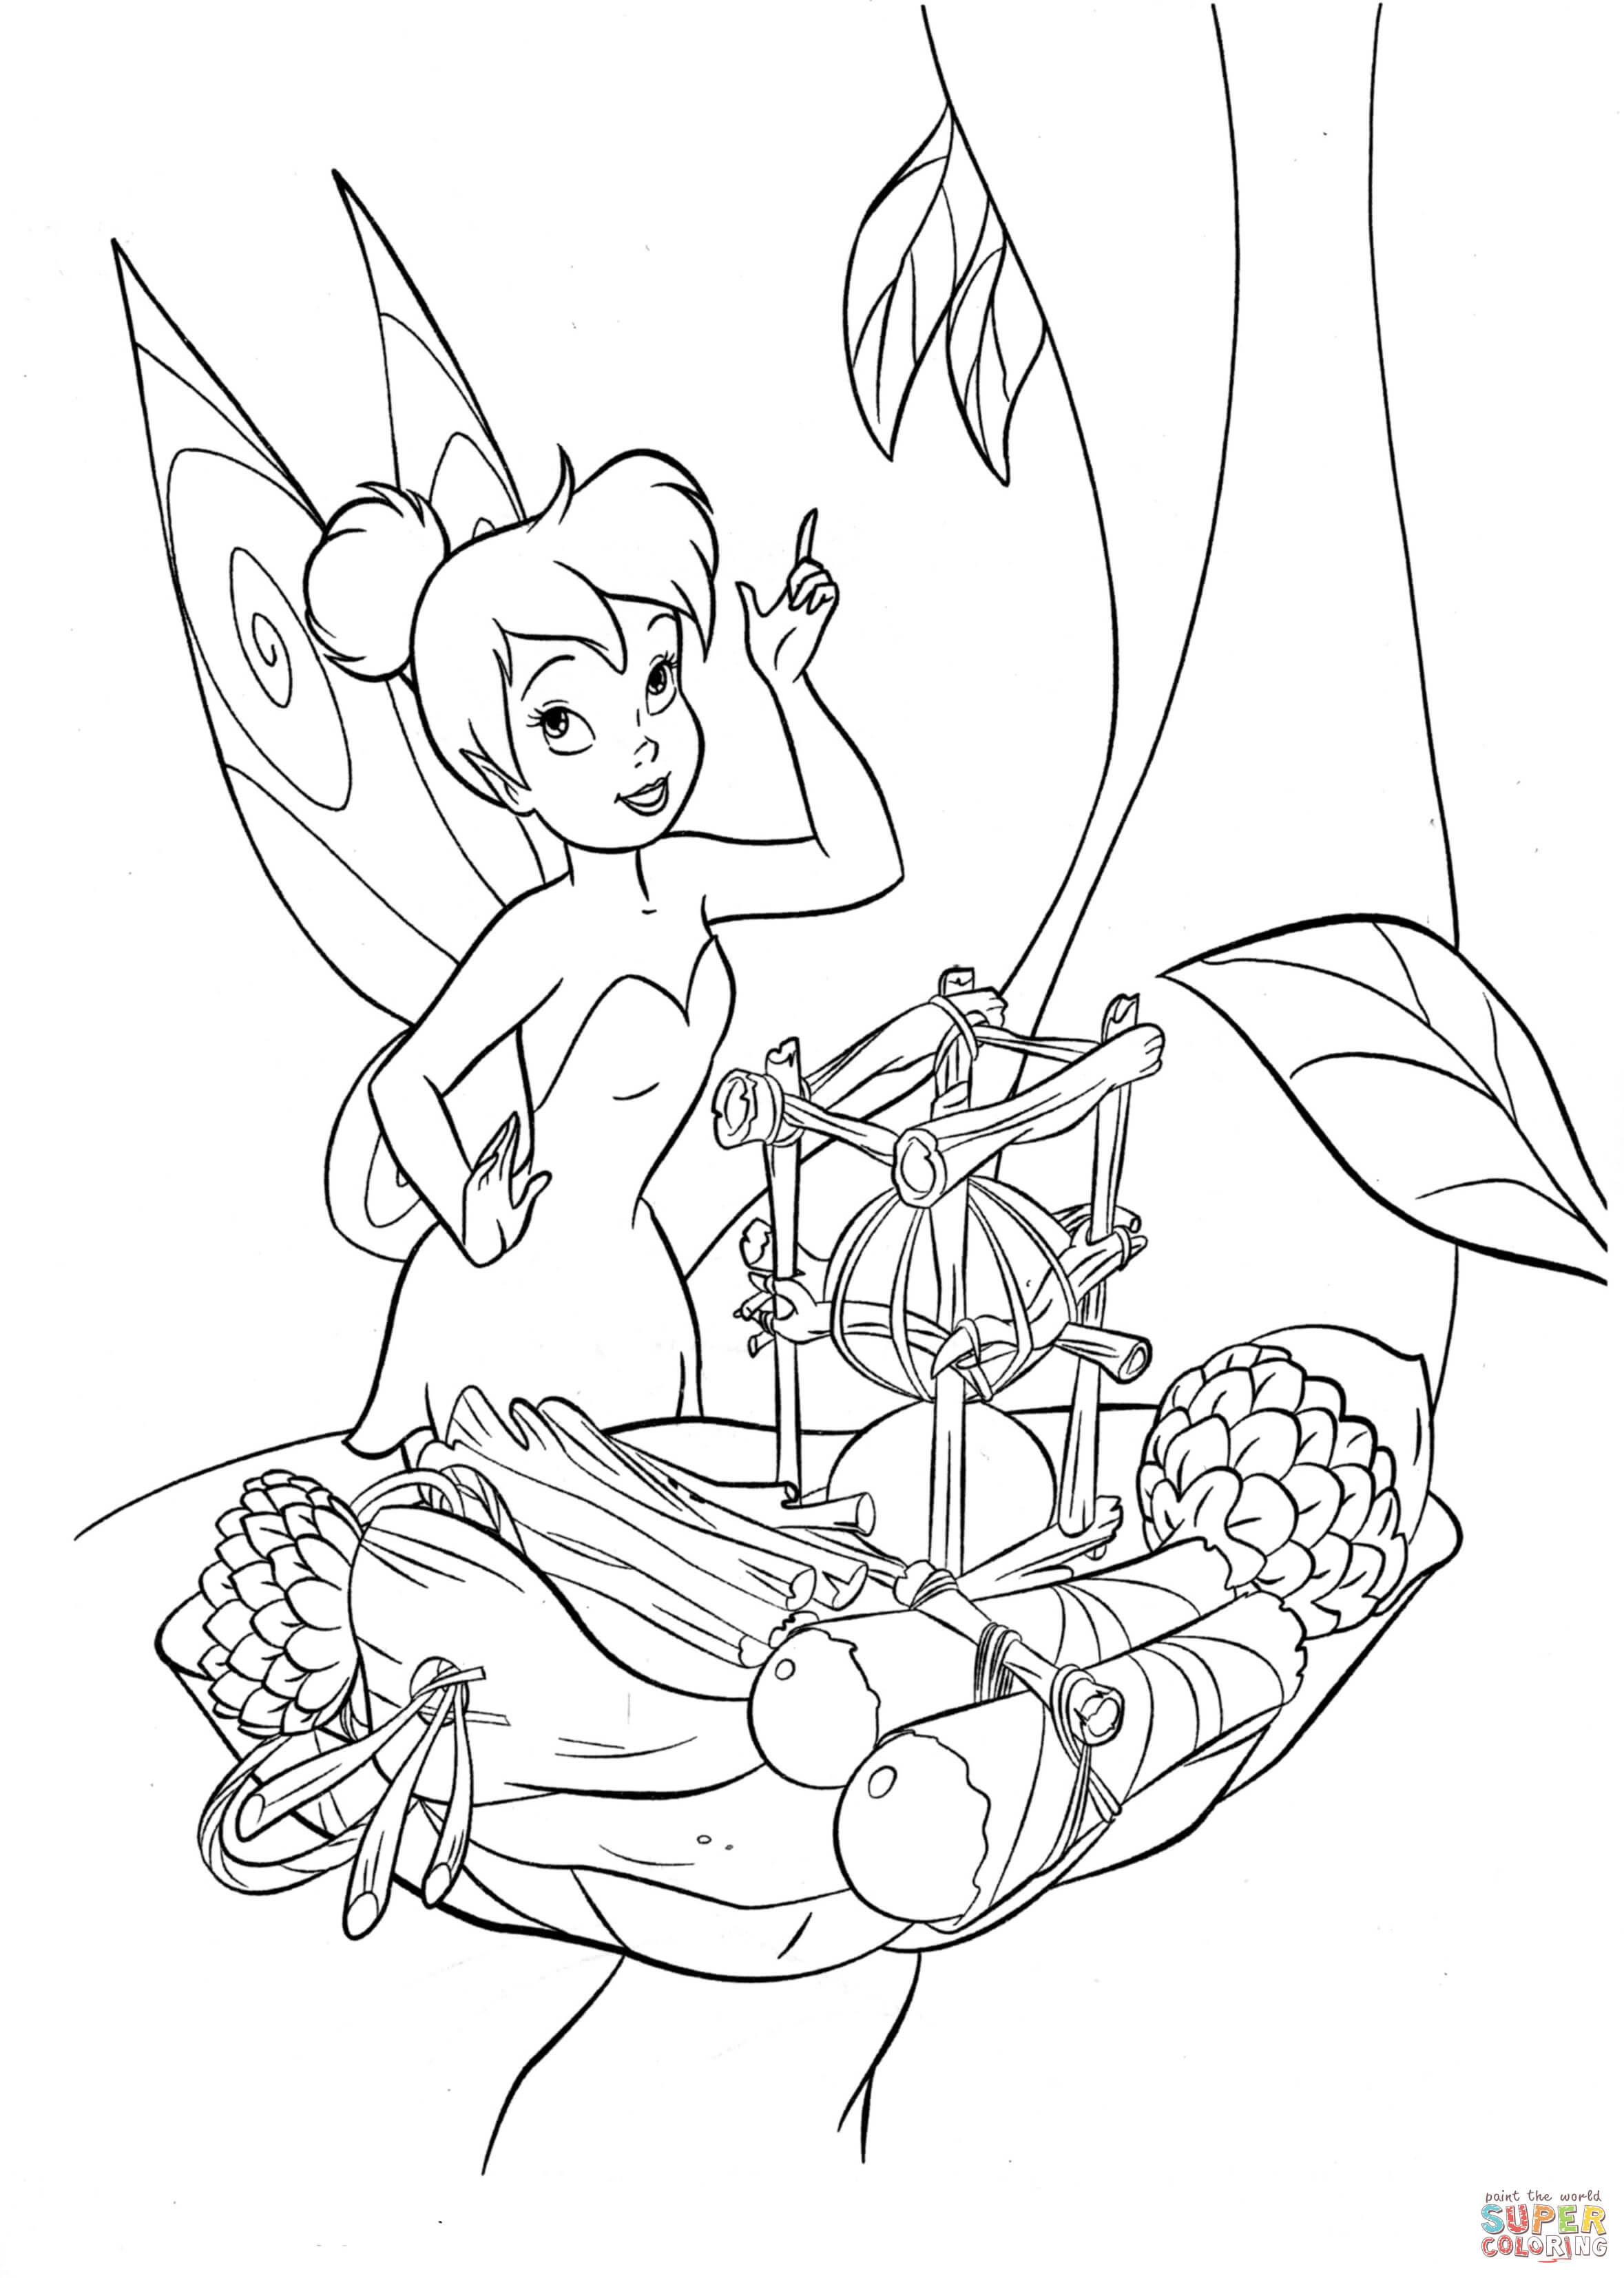 Ausmalbild: Tinkerbell versucht zu kochen | Ausmalbilder ...